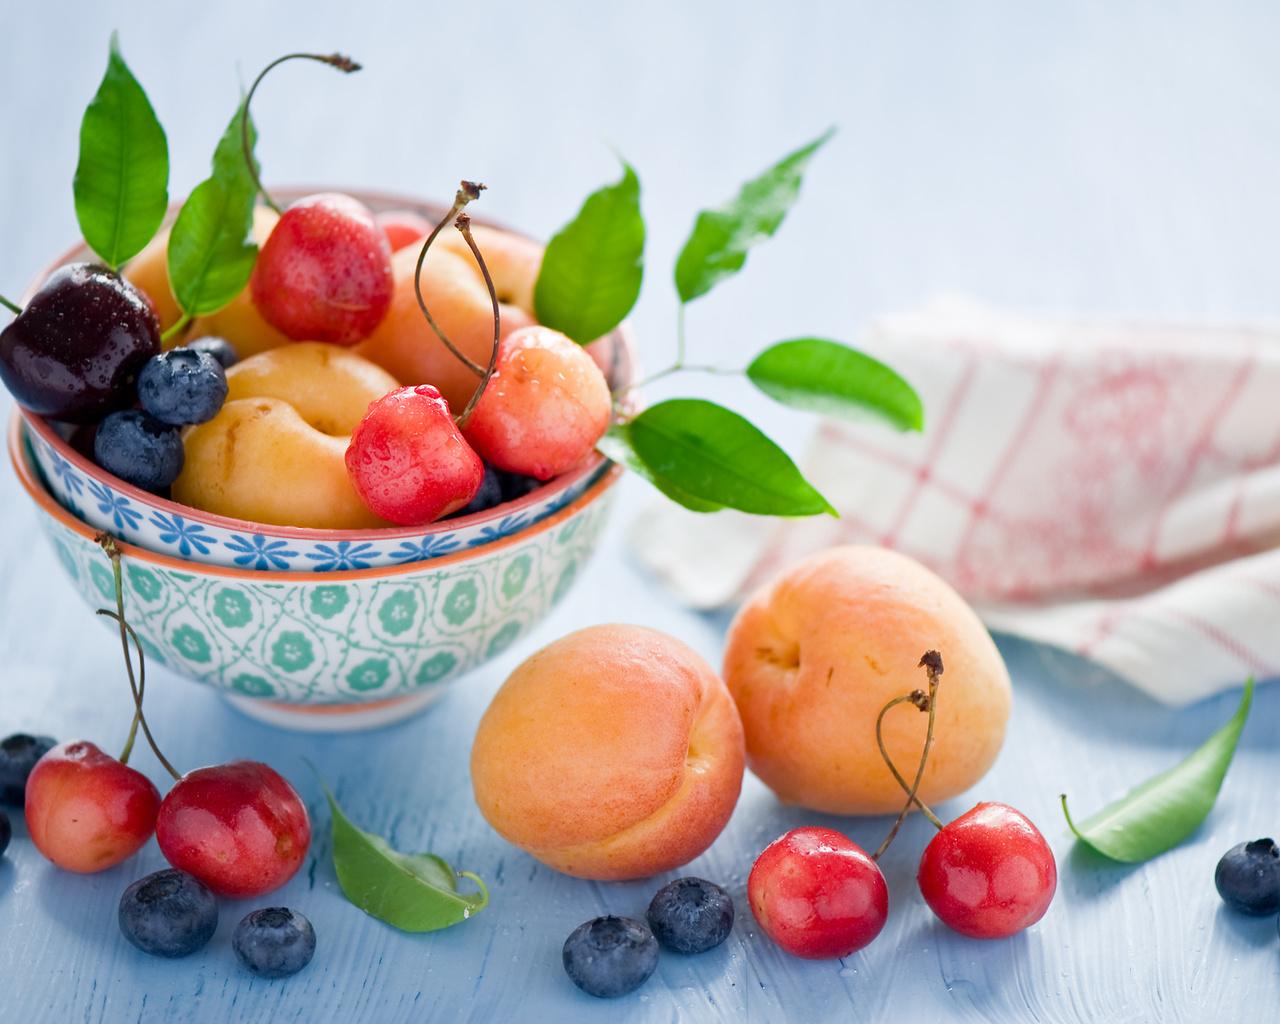 вишня, фрукты, черешня, Абрикосы, черника, ягоды